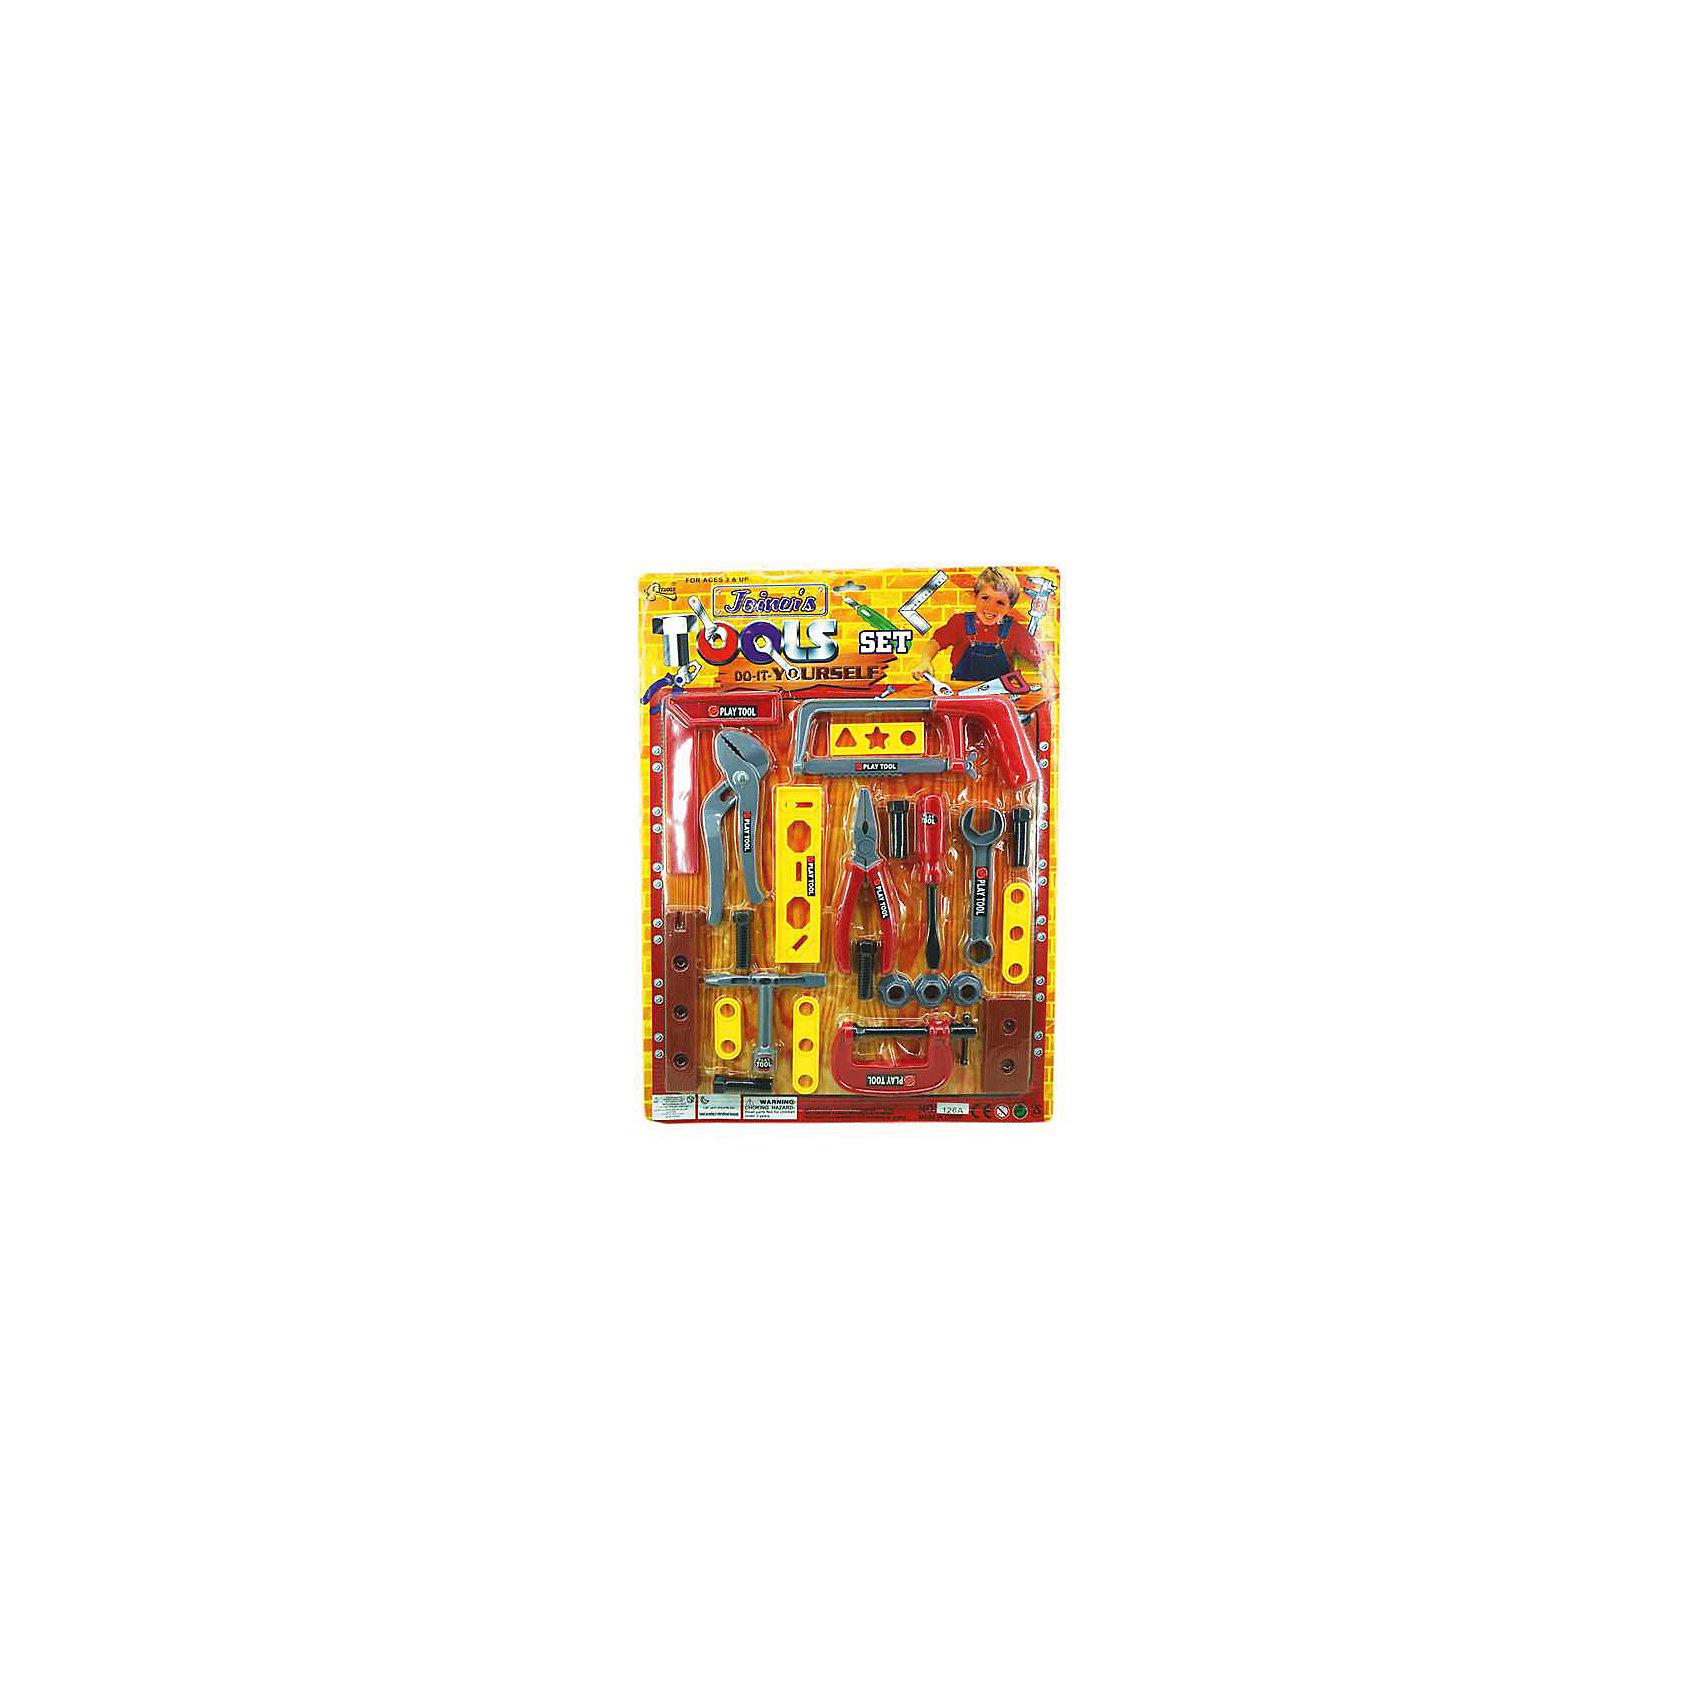 Набор инструментов Домашний ремонт (27 предм.), ALTACTOНабор пластмассовых инструментов на блистере из 27 предметов, в ассортименте.<br><br>Дополнительная информация:<br><br>В ассортименте 2 вида набора:<br>Комплектация 1: столярный угольник, баллонный ключ, плоскогубцы, переставные плоскогубцы, ножовка, гайки, болты, отвертка, рожковый ключ, струбцина и прочий инструмент.<br>Комплектация 2: молоток, болты и гайки, отвертка, клин, плоскогубцы, шпатель, разводной ключ и прочий инструмент.<br><br>ВНИМАНИЕ! Данный артикул представлен в разных вариантах исполнения. К сожалению, заранее выбрать определенный вариант невозможно.<br><br>Набор инструментов Домашний ремонт (27 предм.), ALTACTO можно купить в нашем магазине.<br><br>Ширина мм: 520<br>Глубина мм: 385<br>Высота мм: 20<br>Вес г: 250<br>Возраст от месяцев: 36<br>Возраст до месяцев: 72<br>Пол: Мужской<br>Возраст: Детский<br>SKU: 4590222